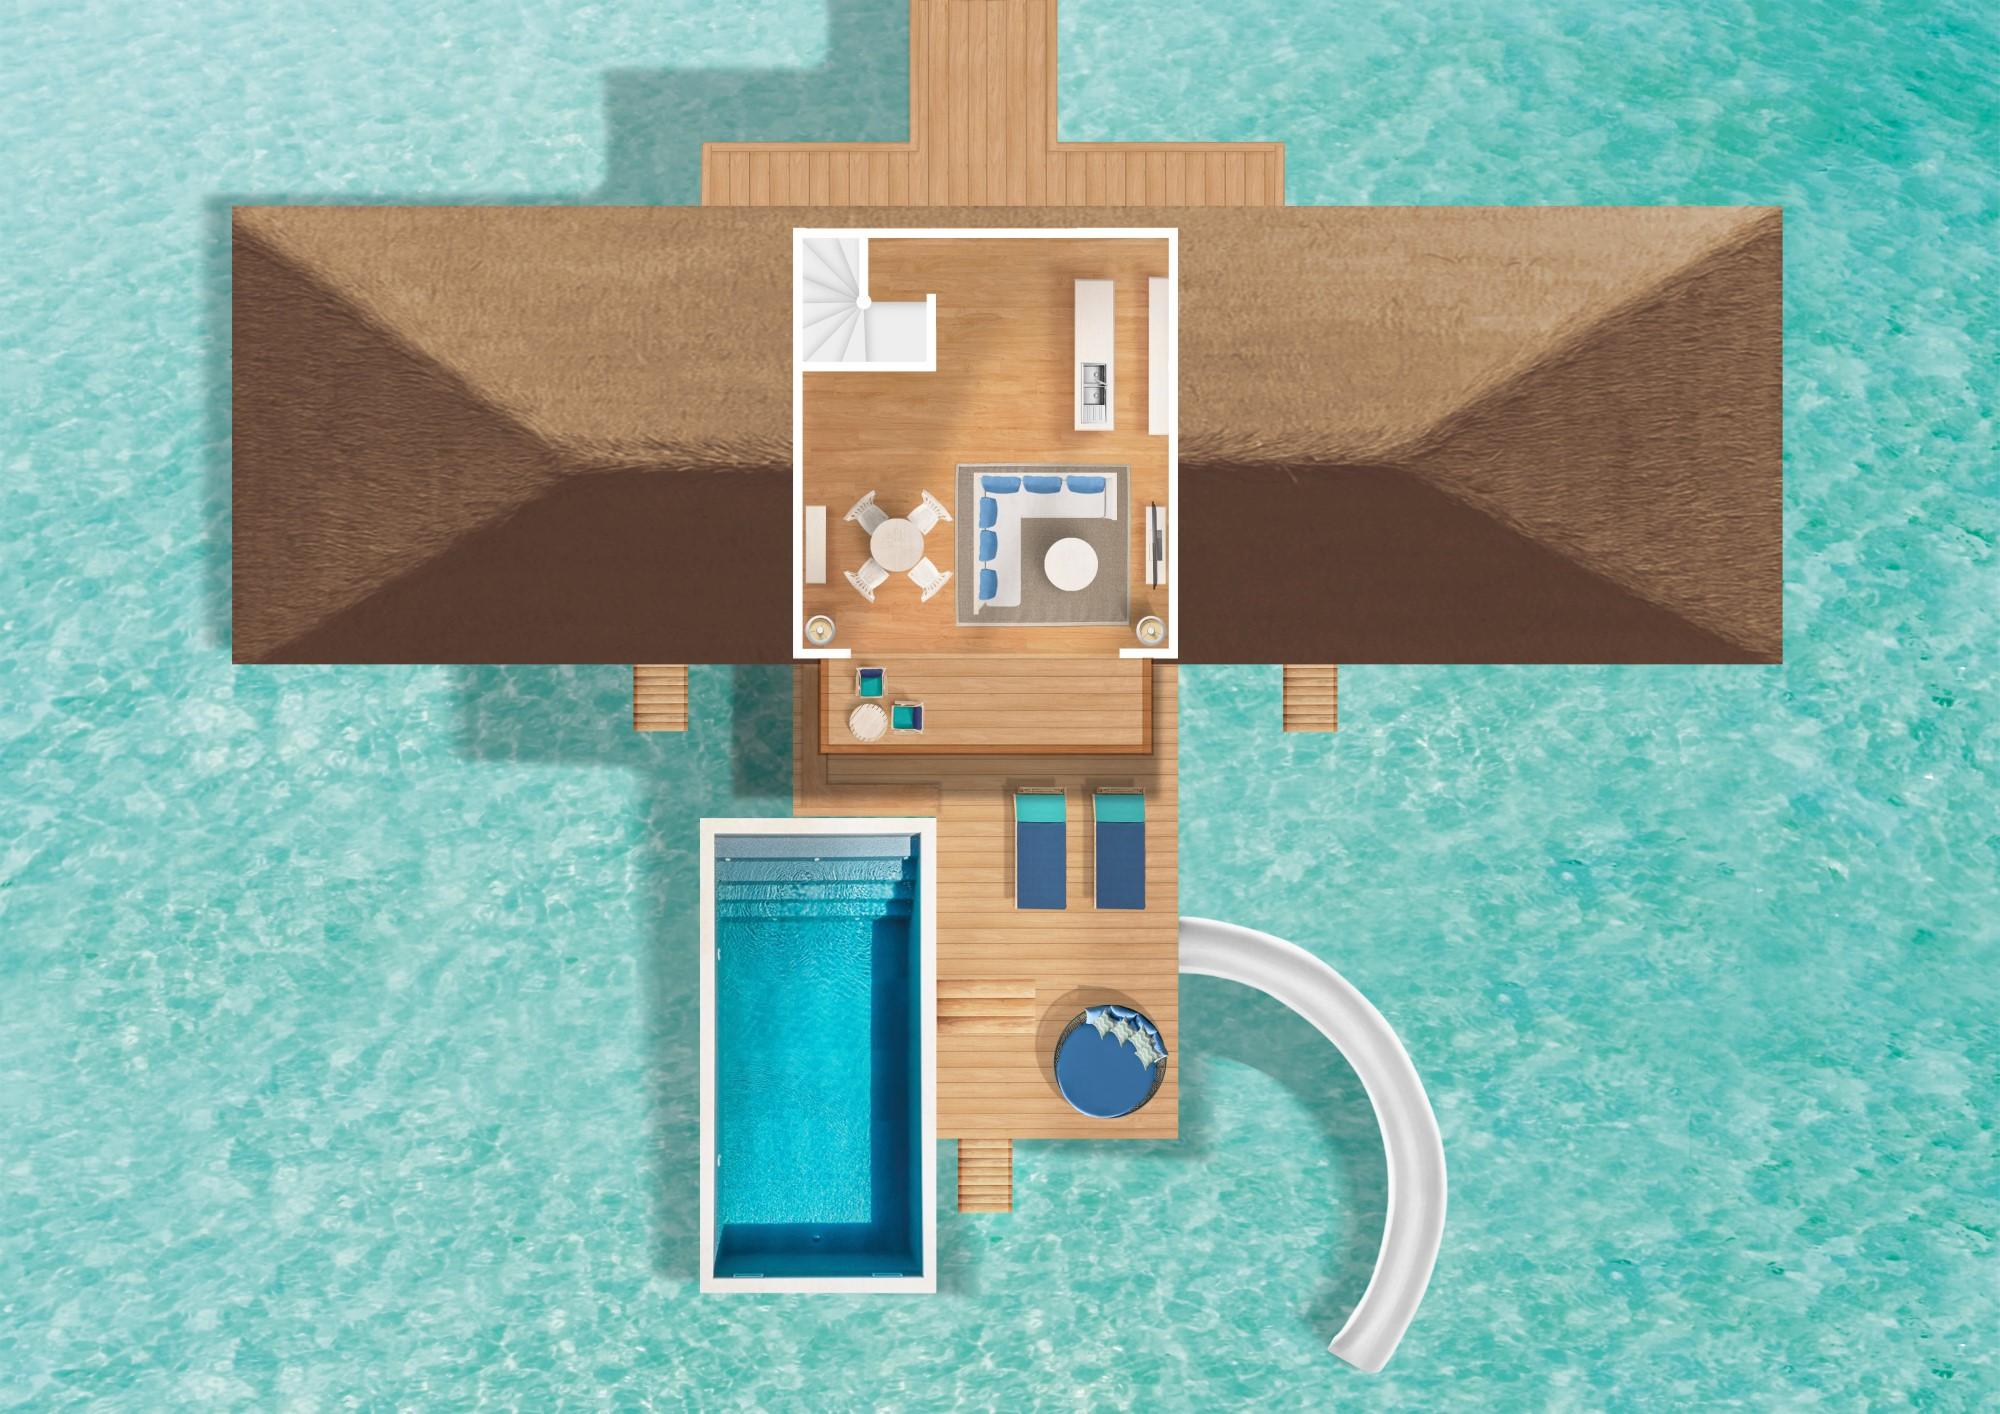 Мальдивы, отель Cora Cora Maldives, план-схема номера Two Bedroom Lagoon Pool Villa